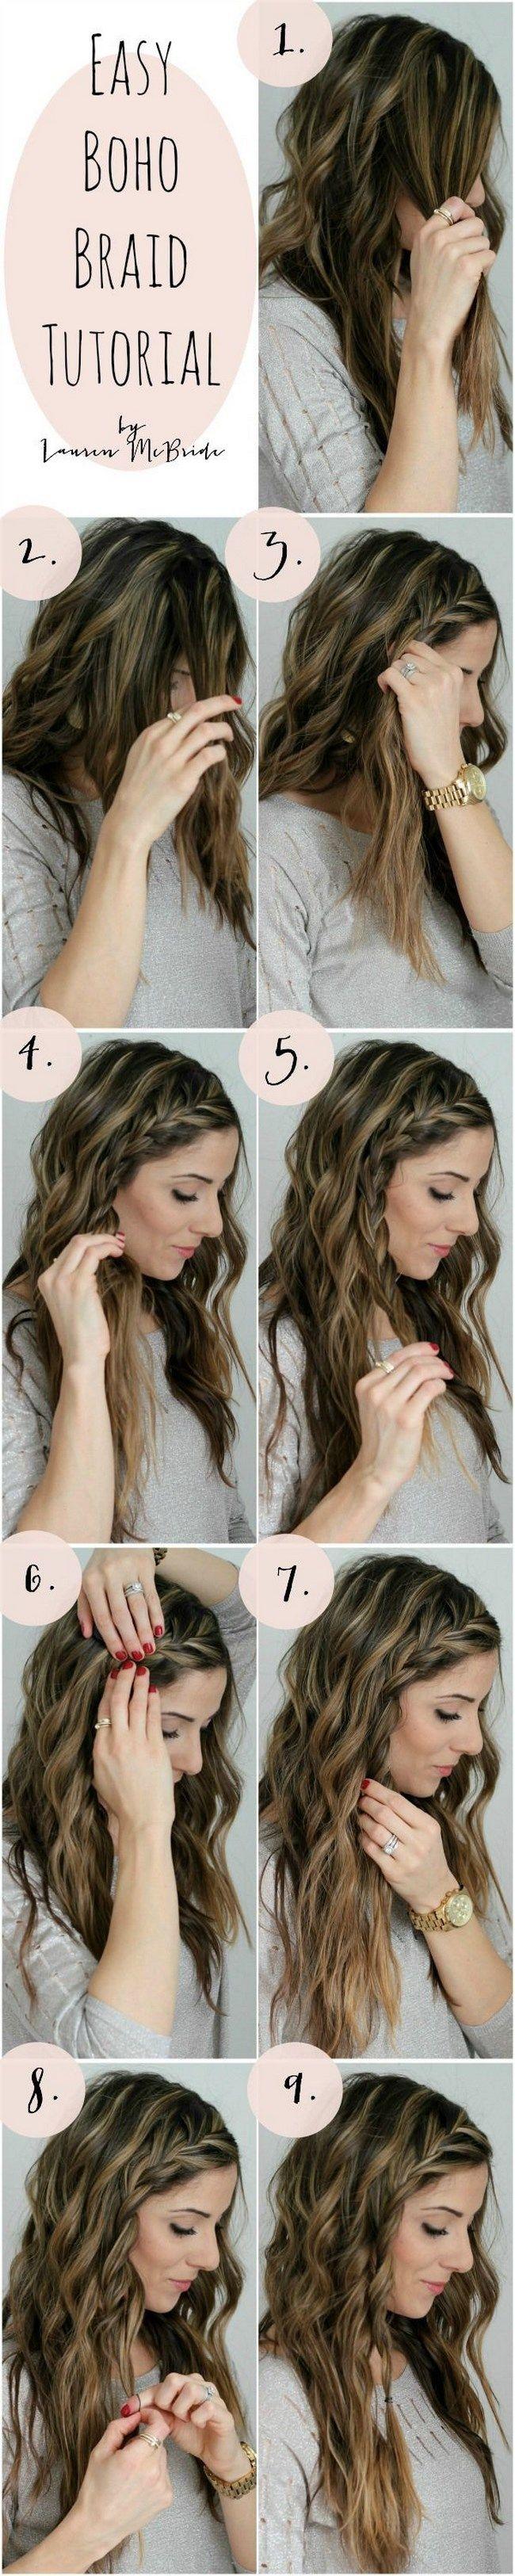 peinados faciles para cabello ondulado